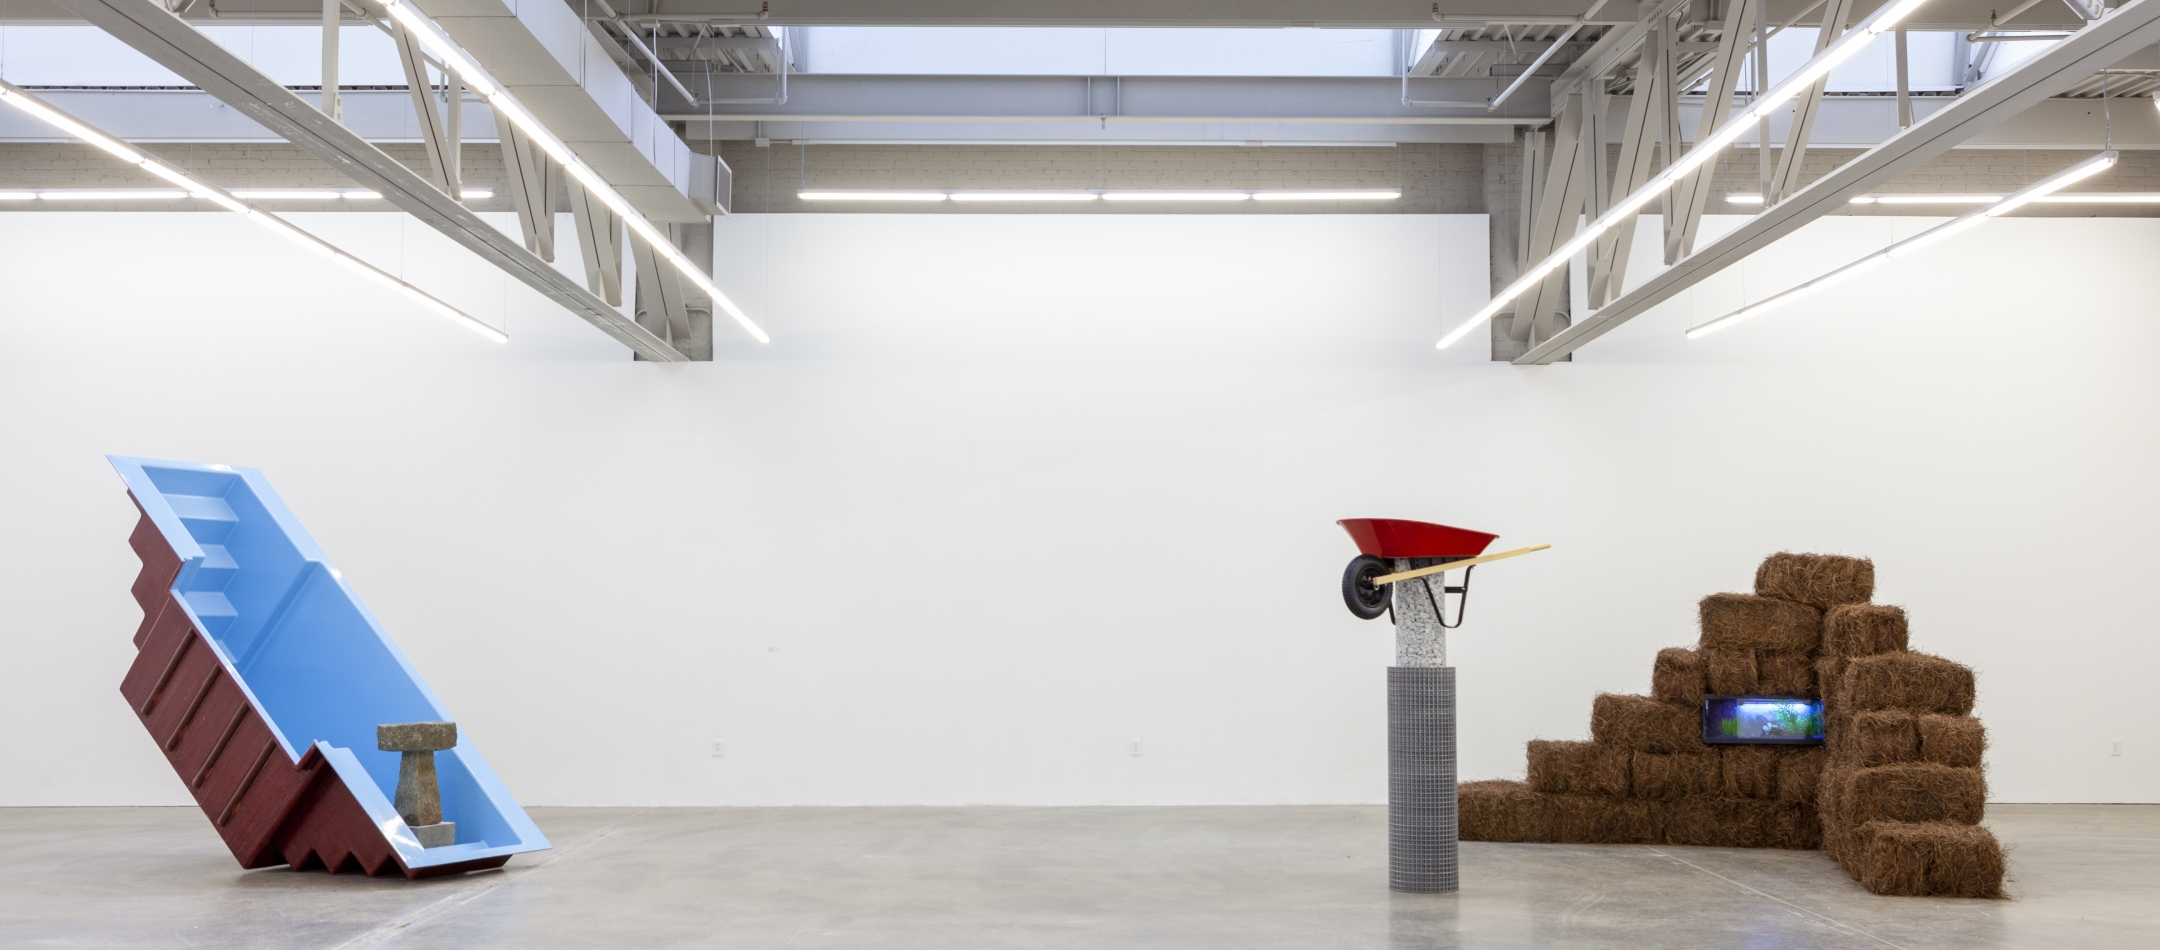 Charles Harlan at Atlanta Contemporary